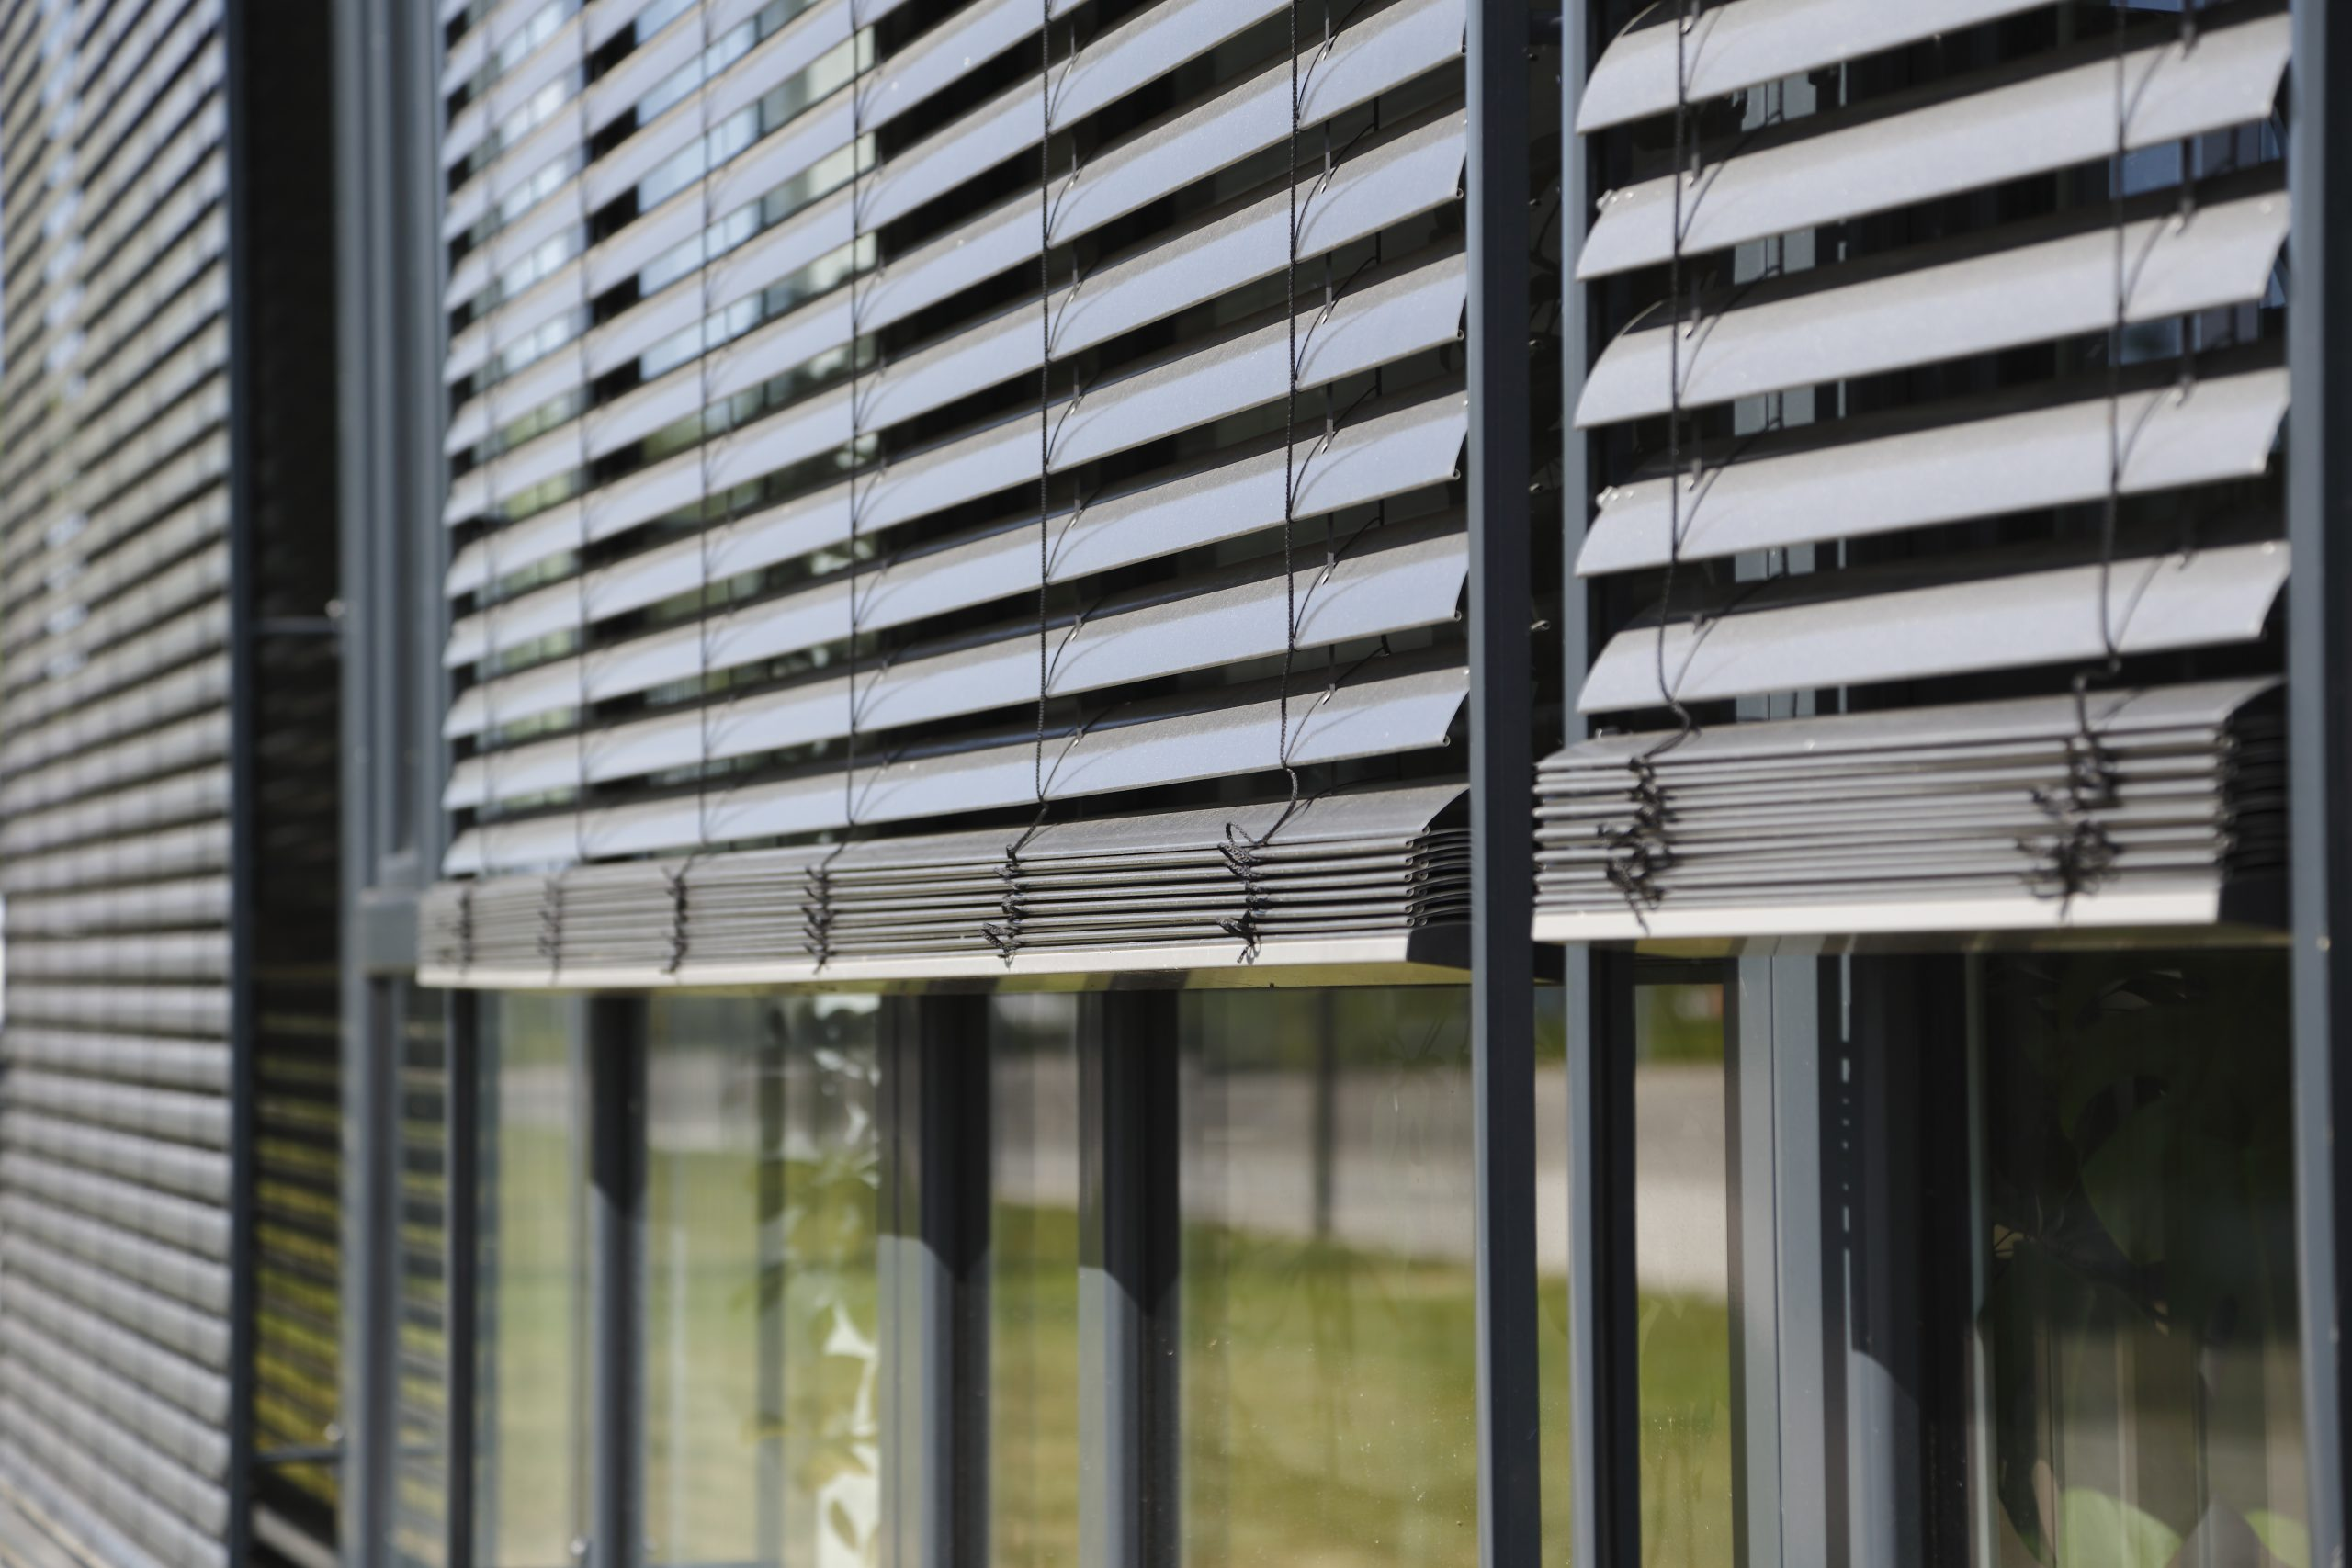 Full Size of Sonnenschutz Fenster Außen Aussenliegend Aussenjalousien Rollomeisterde Fototapete Schüco Wärmeschutzfolie Alu Gebrauchte Kaufen Fliegengitter Für Fenster Sonnenschutz Fenster Außen